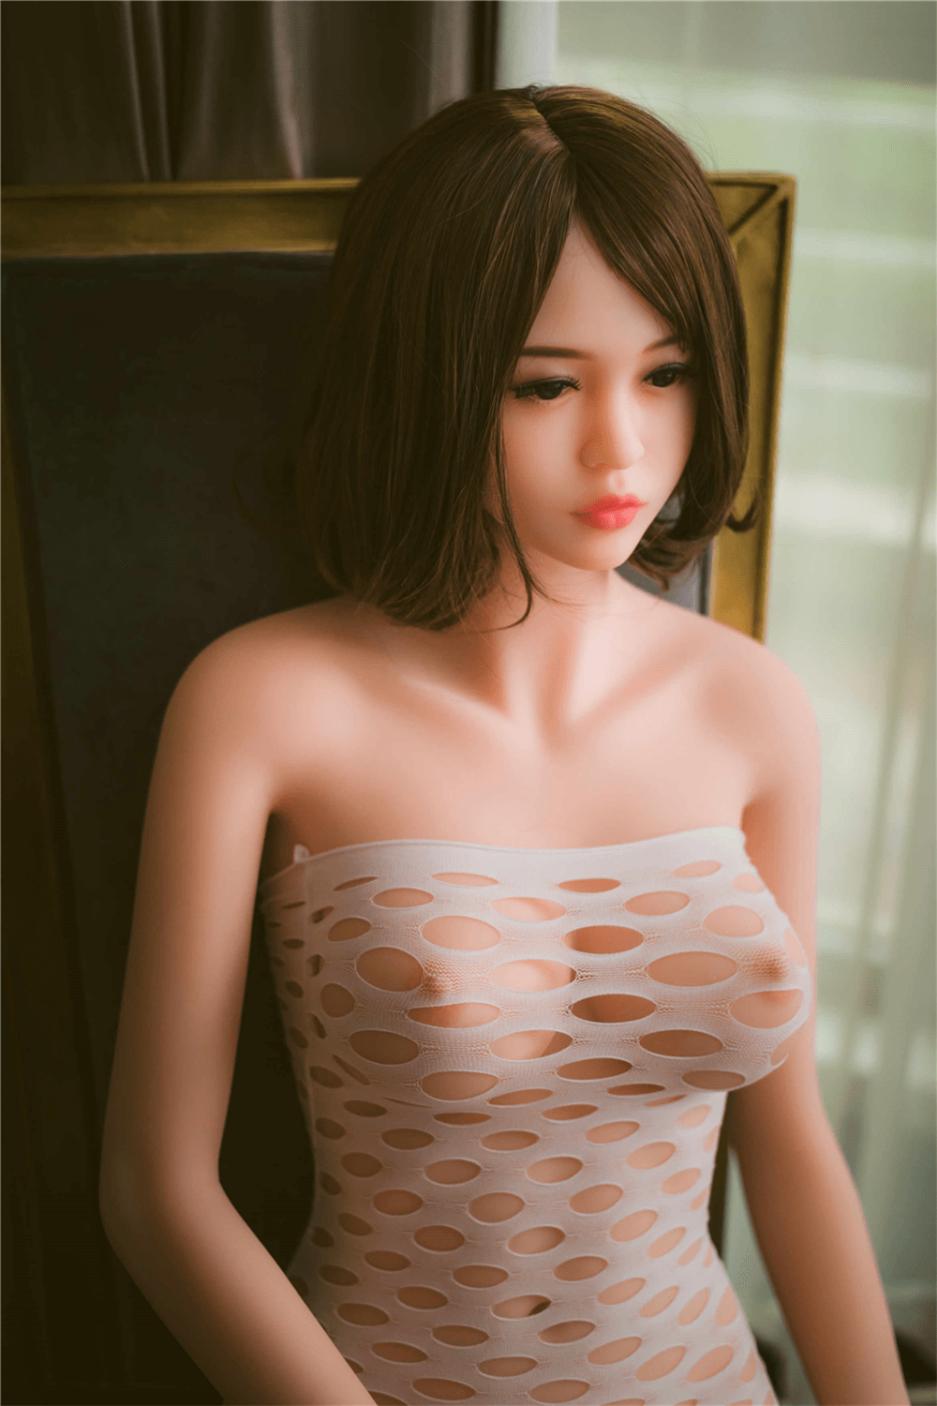 Sex Doll Wearing Sexy Mesh Underwear